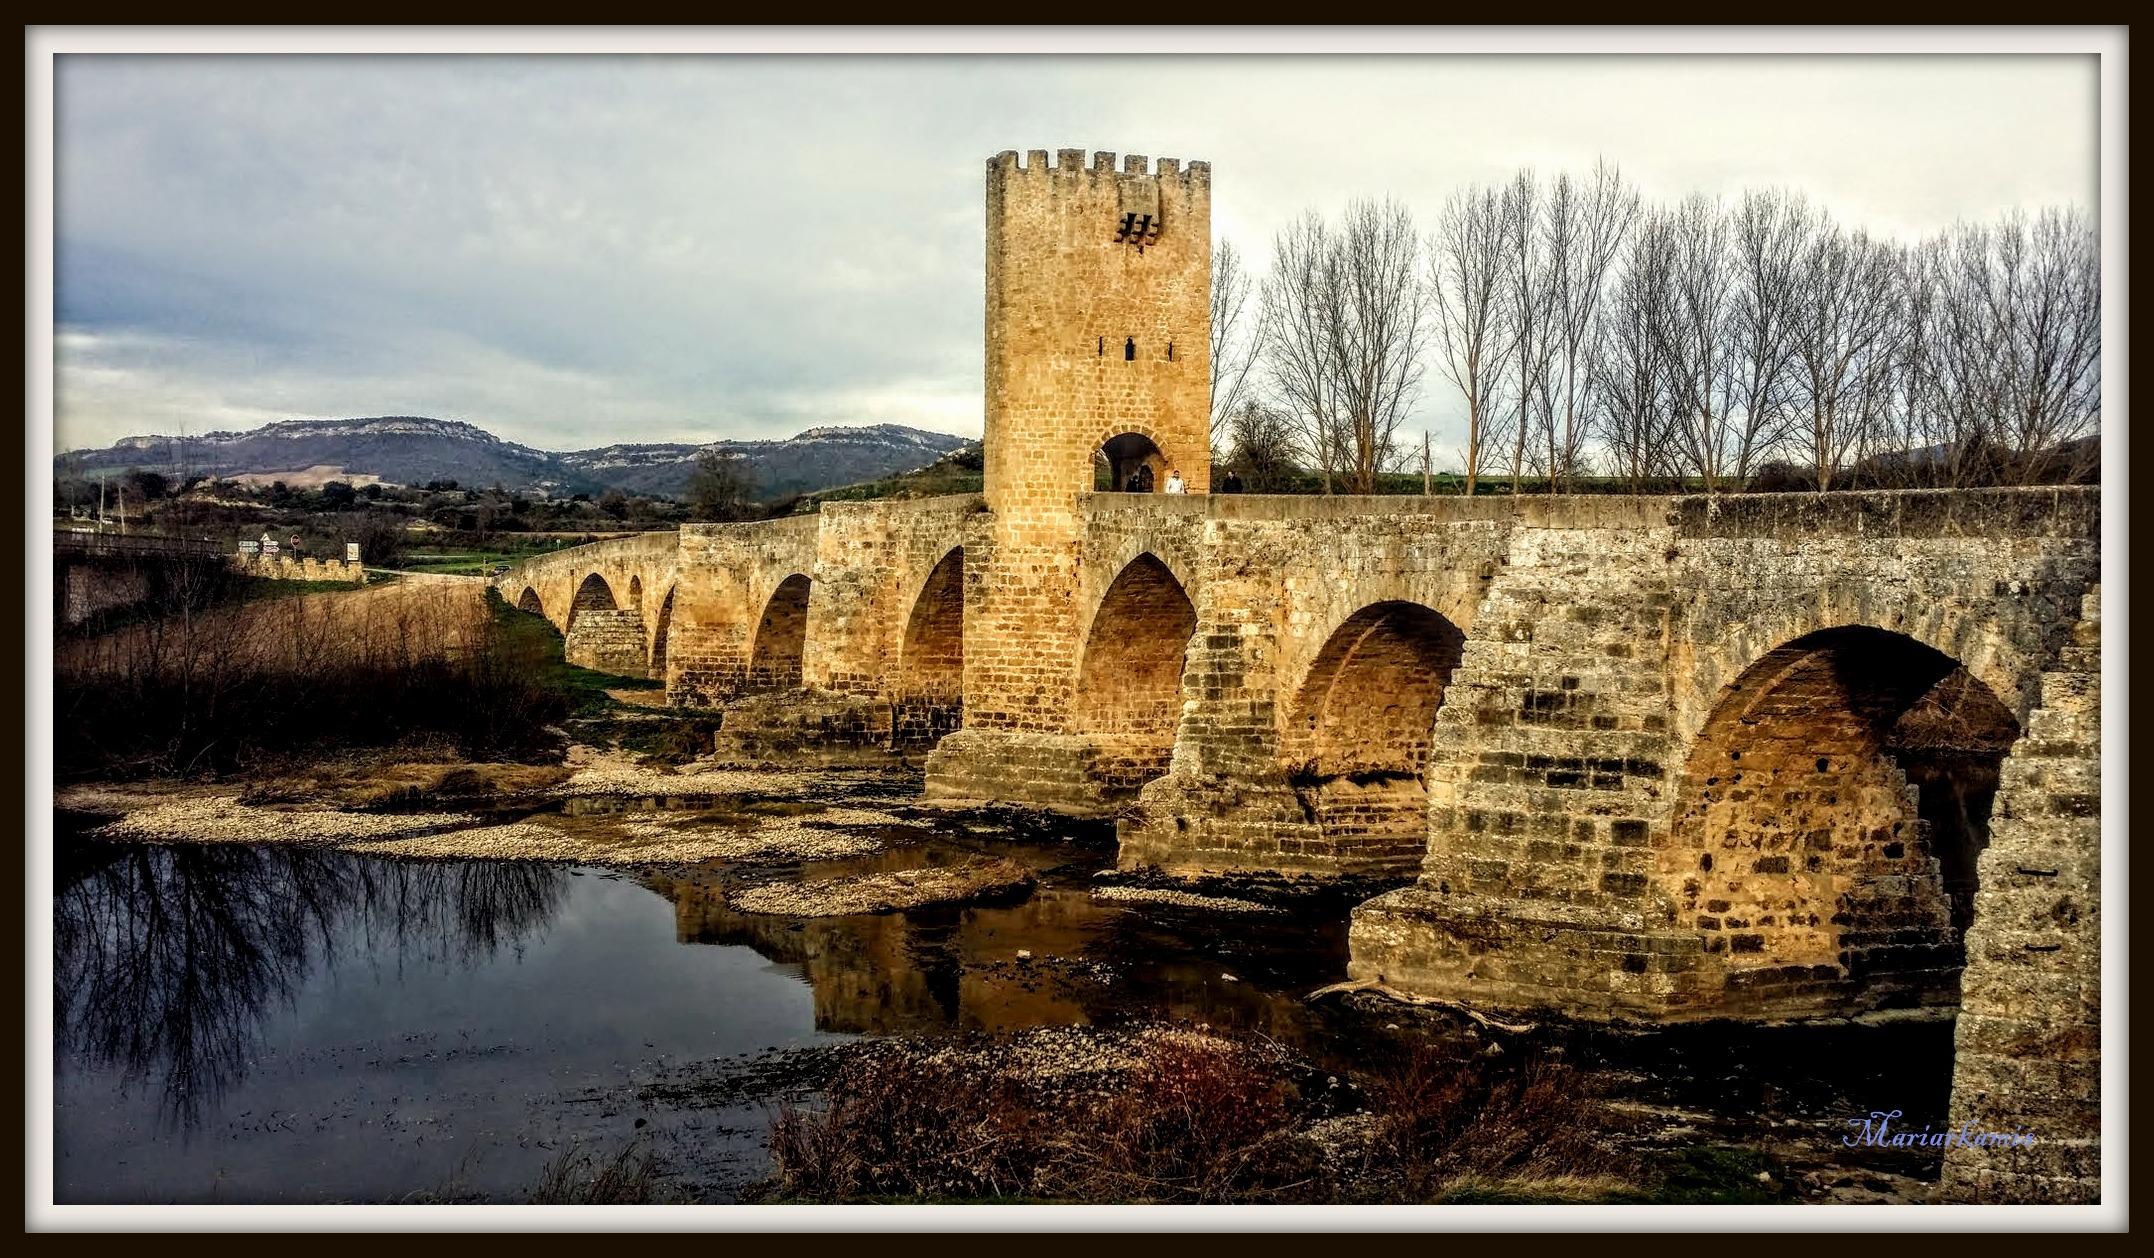 Frias-Puente849 Frias. El pueblo más pequeño de España. Rutas